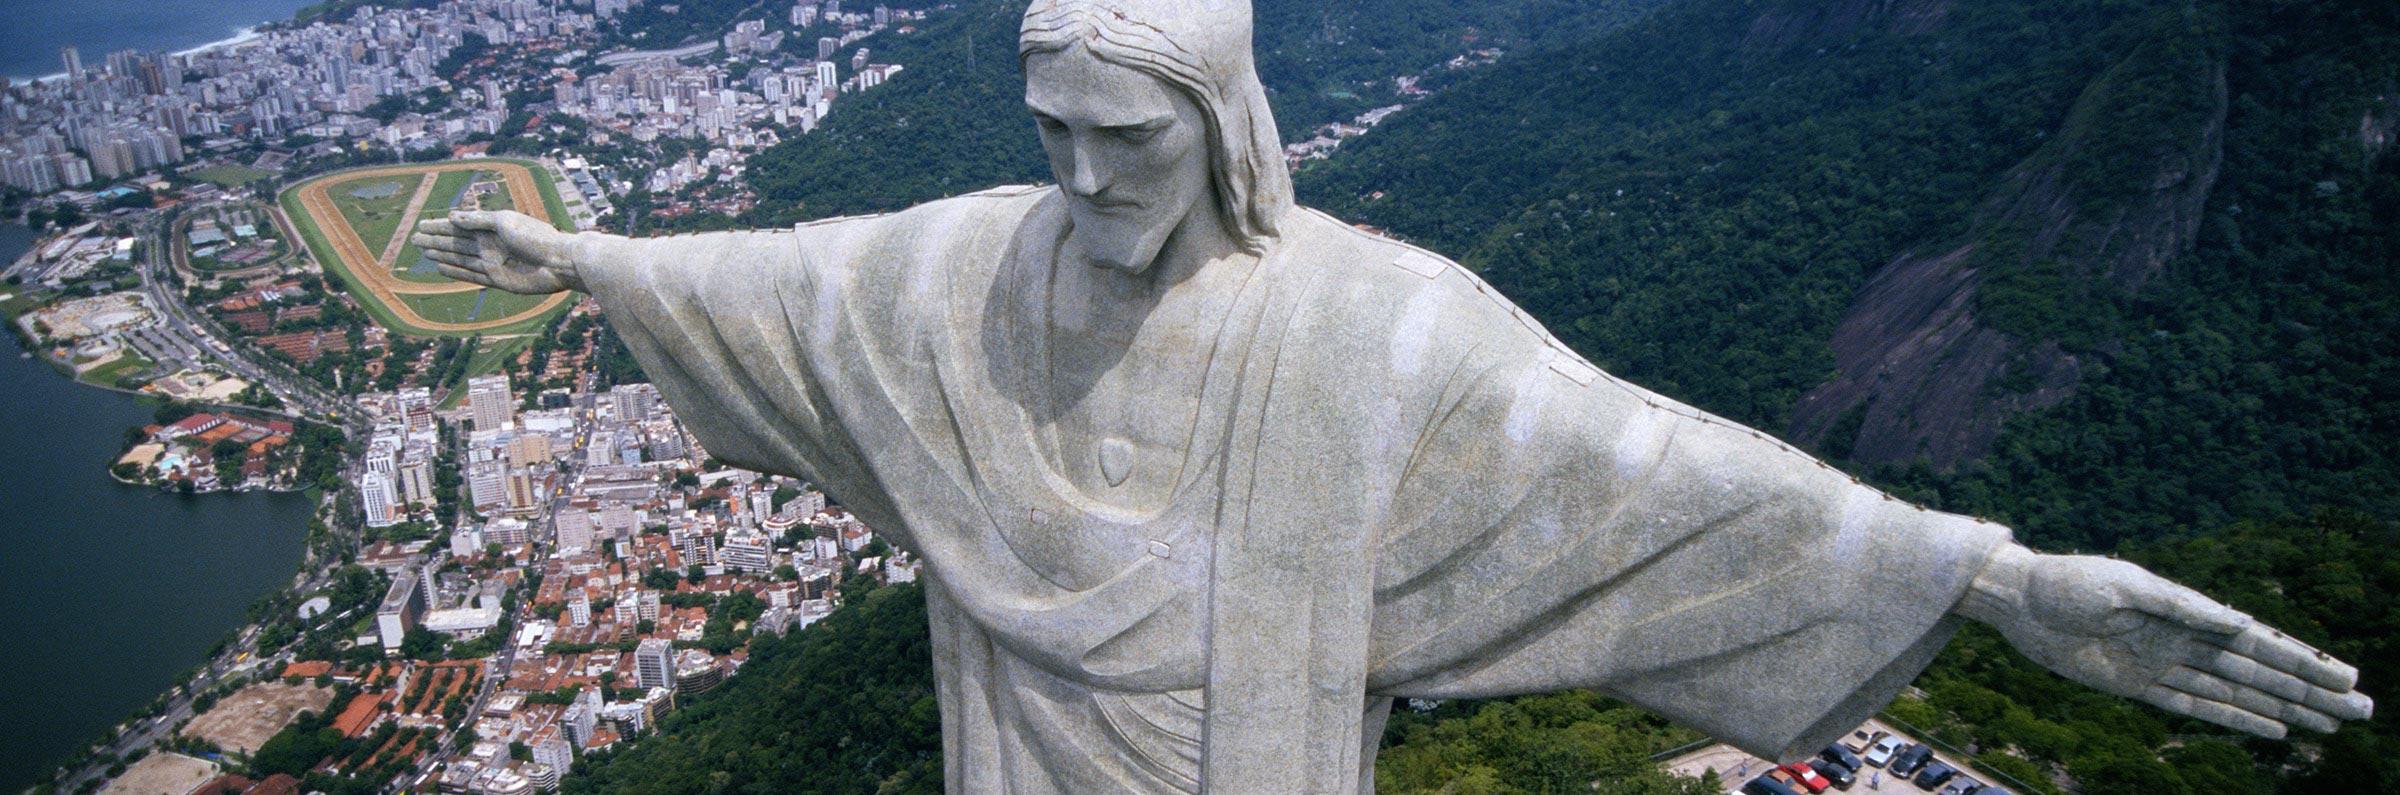 Lugares de inters y atracciones in Ro de Janeiro